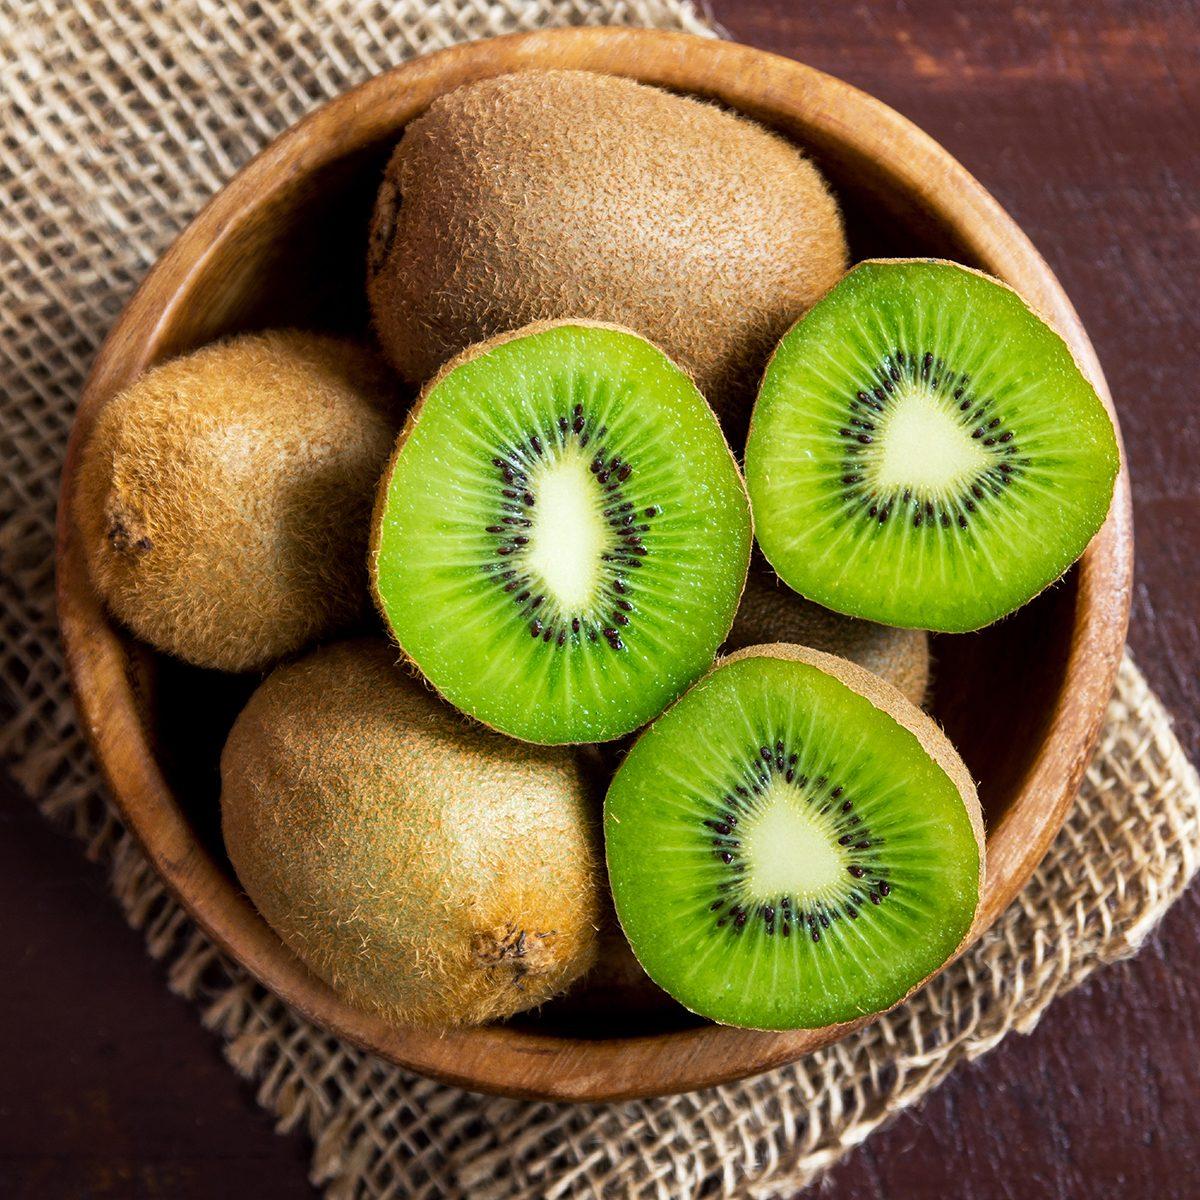 kiwi-fruit-shutterstock_546241963